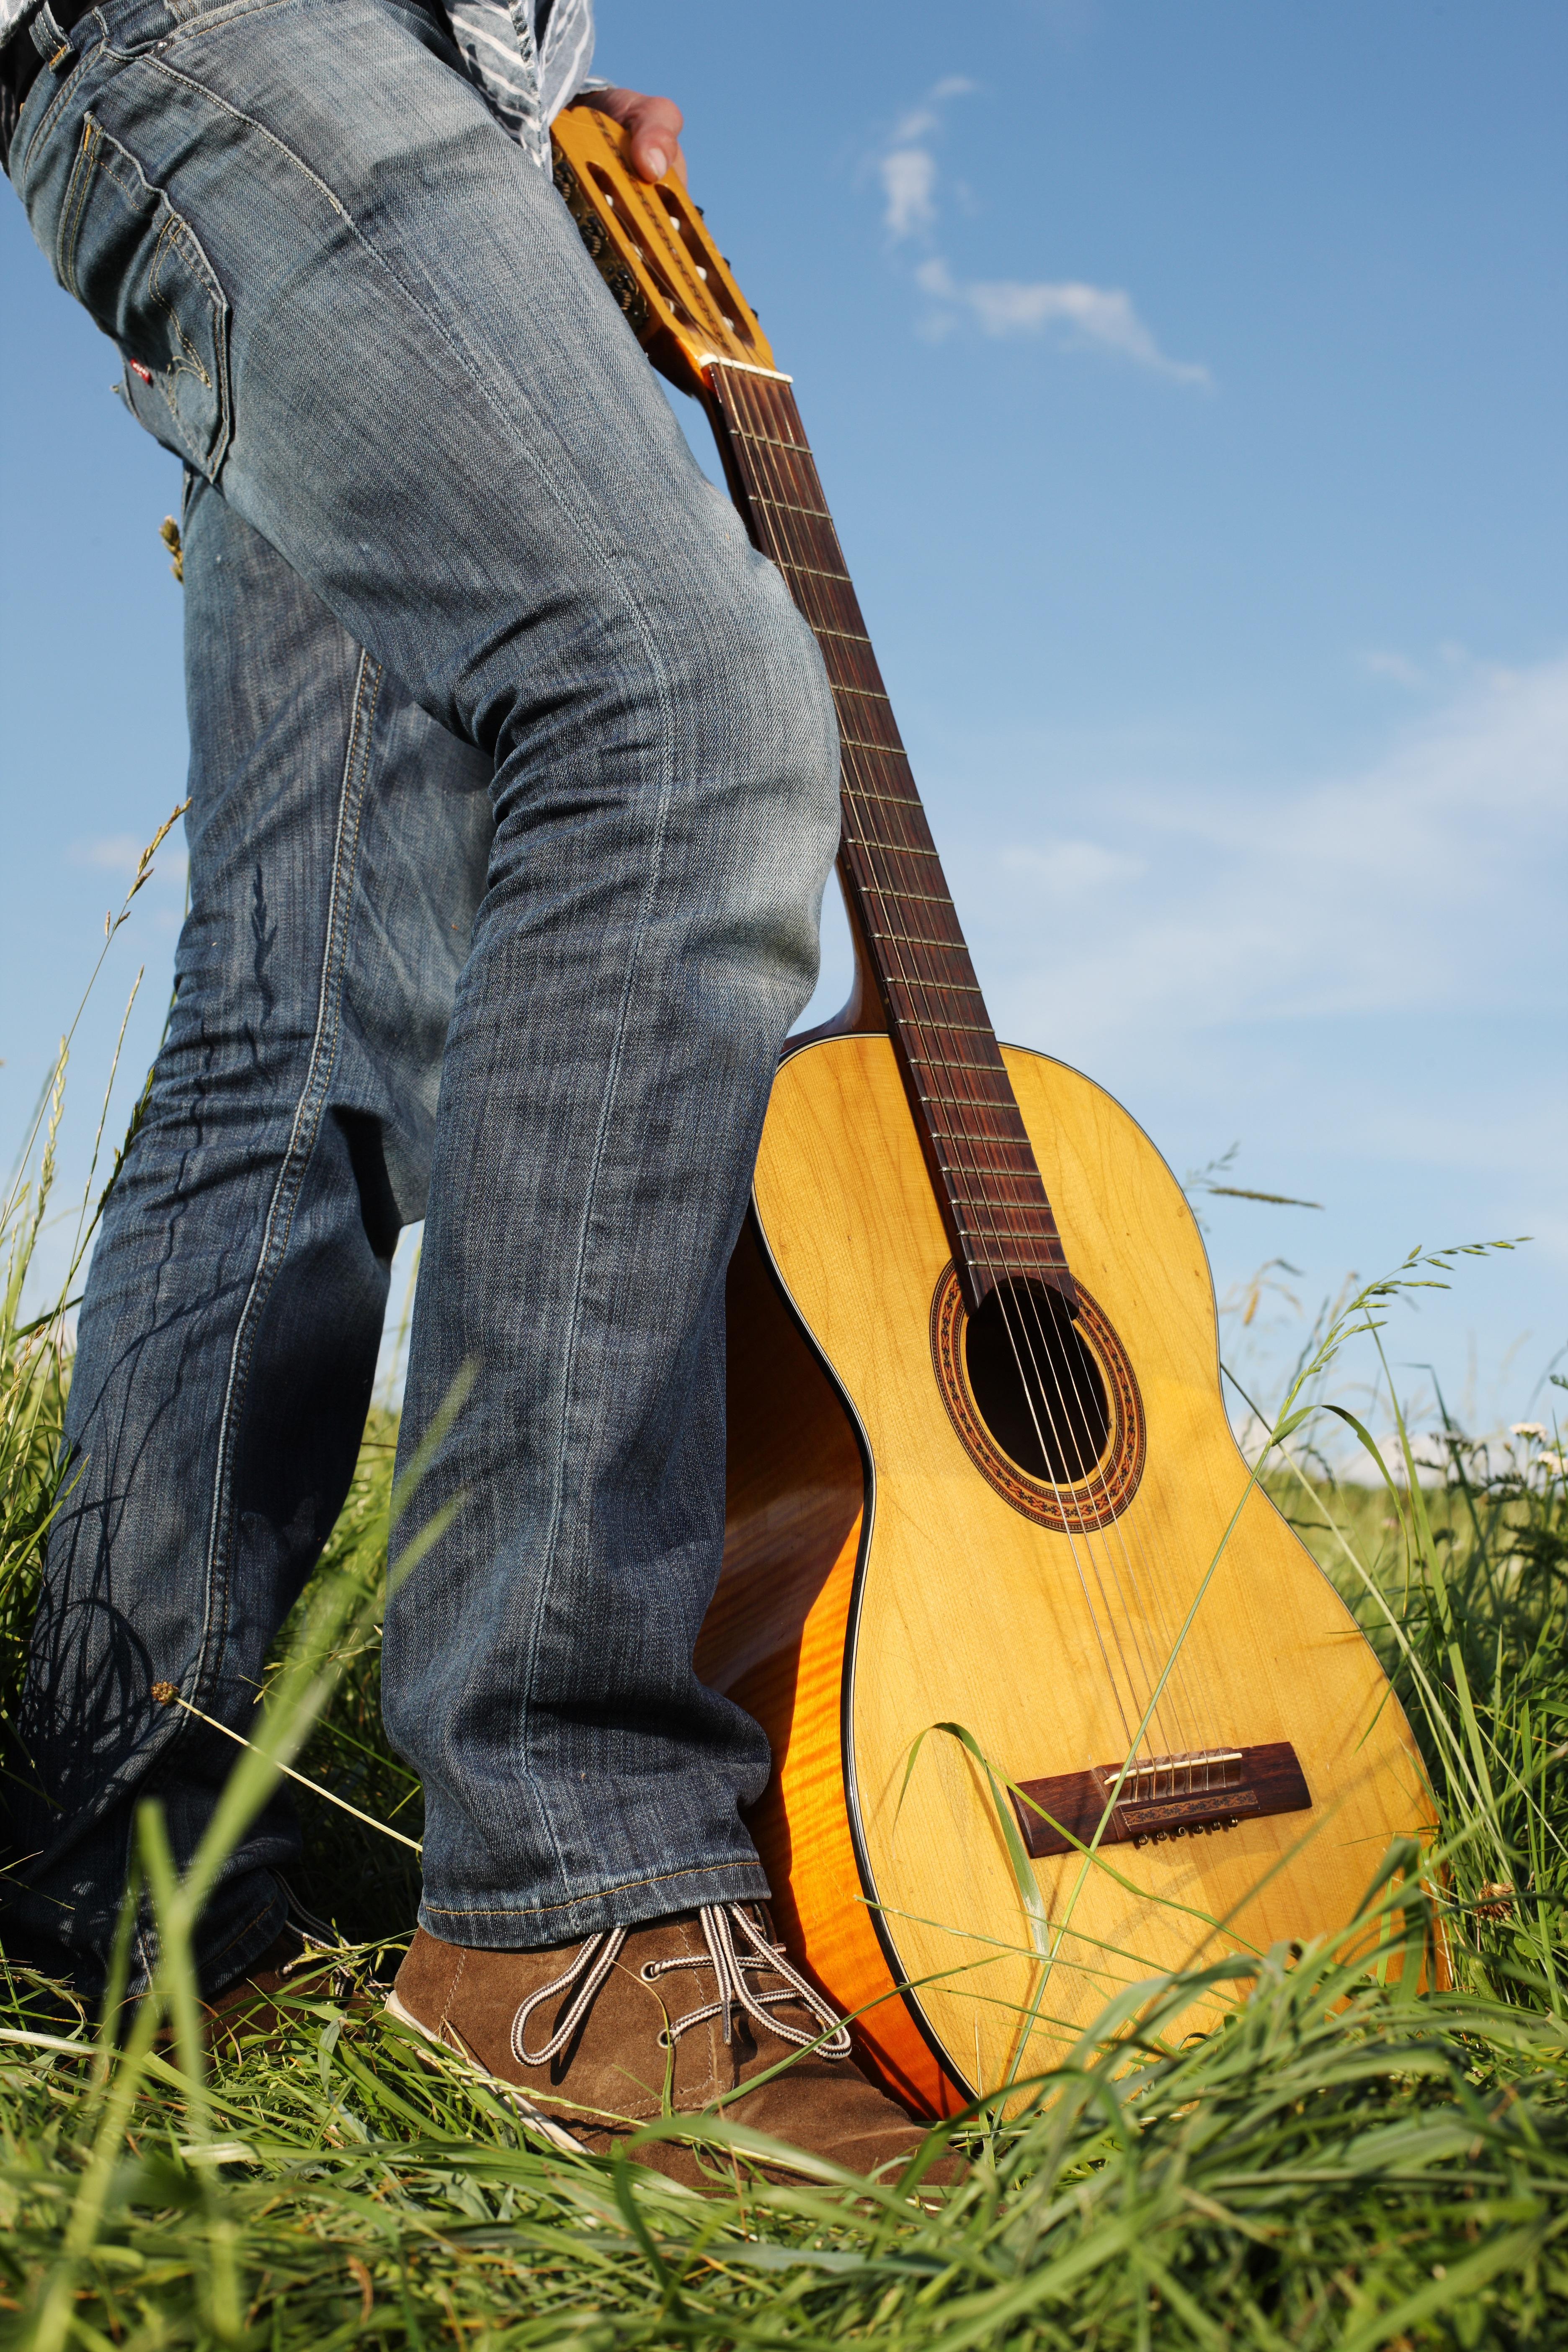 free images hand grass music field acoustic guitar instrument de musique #4